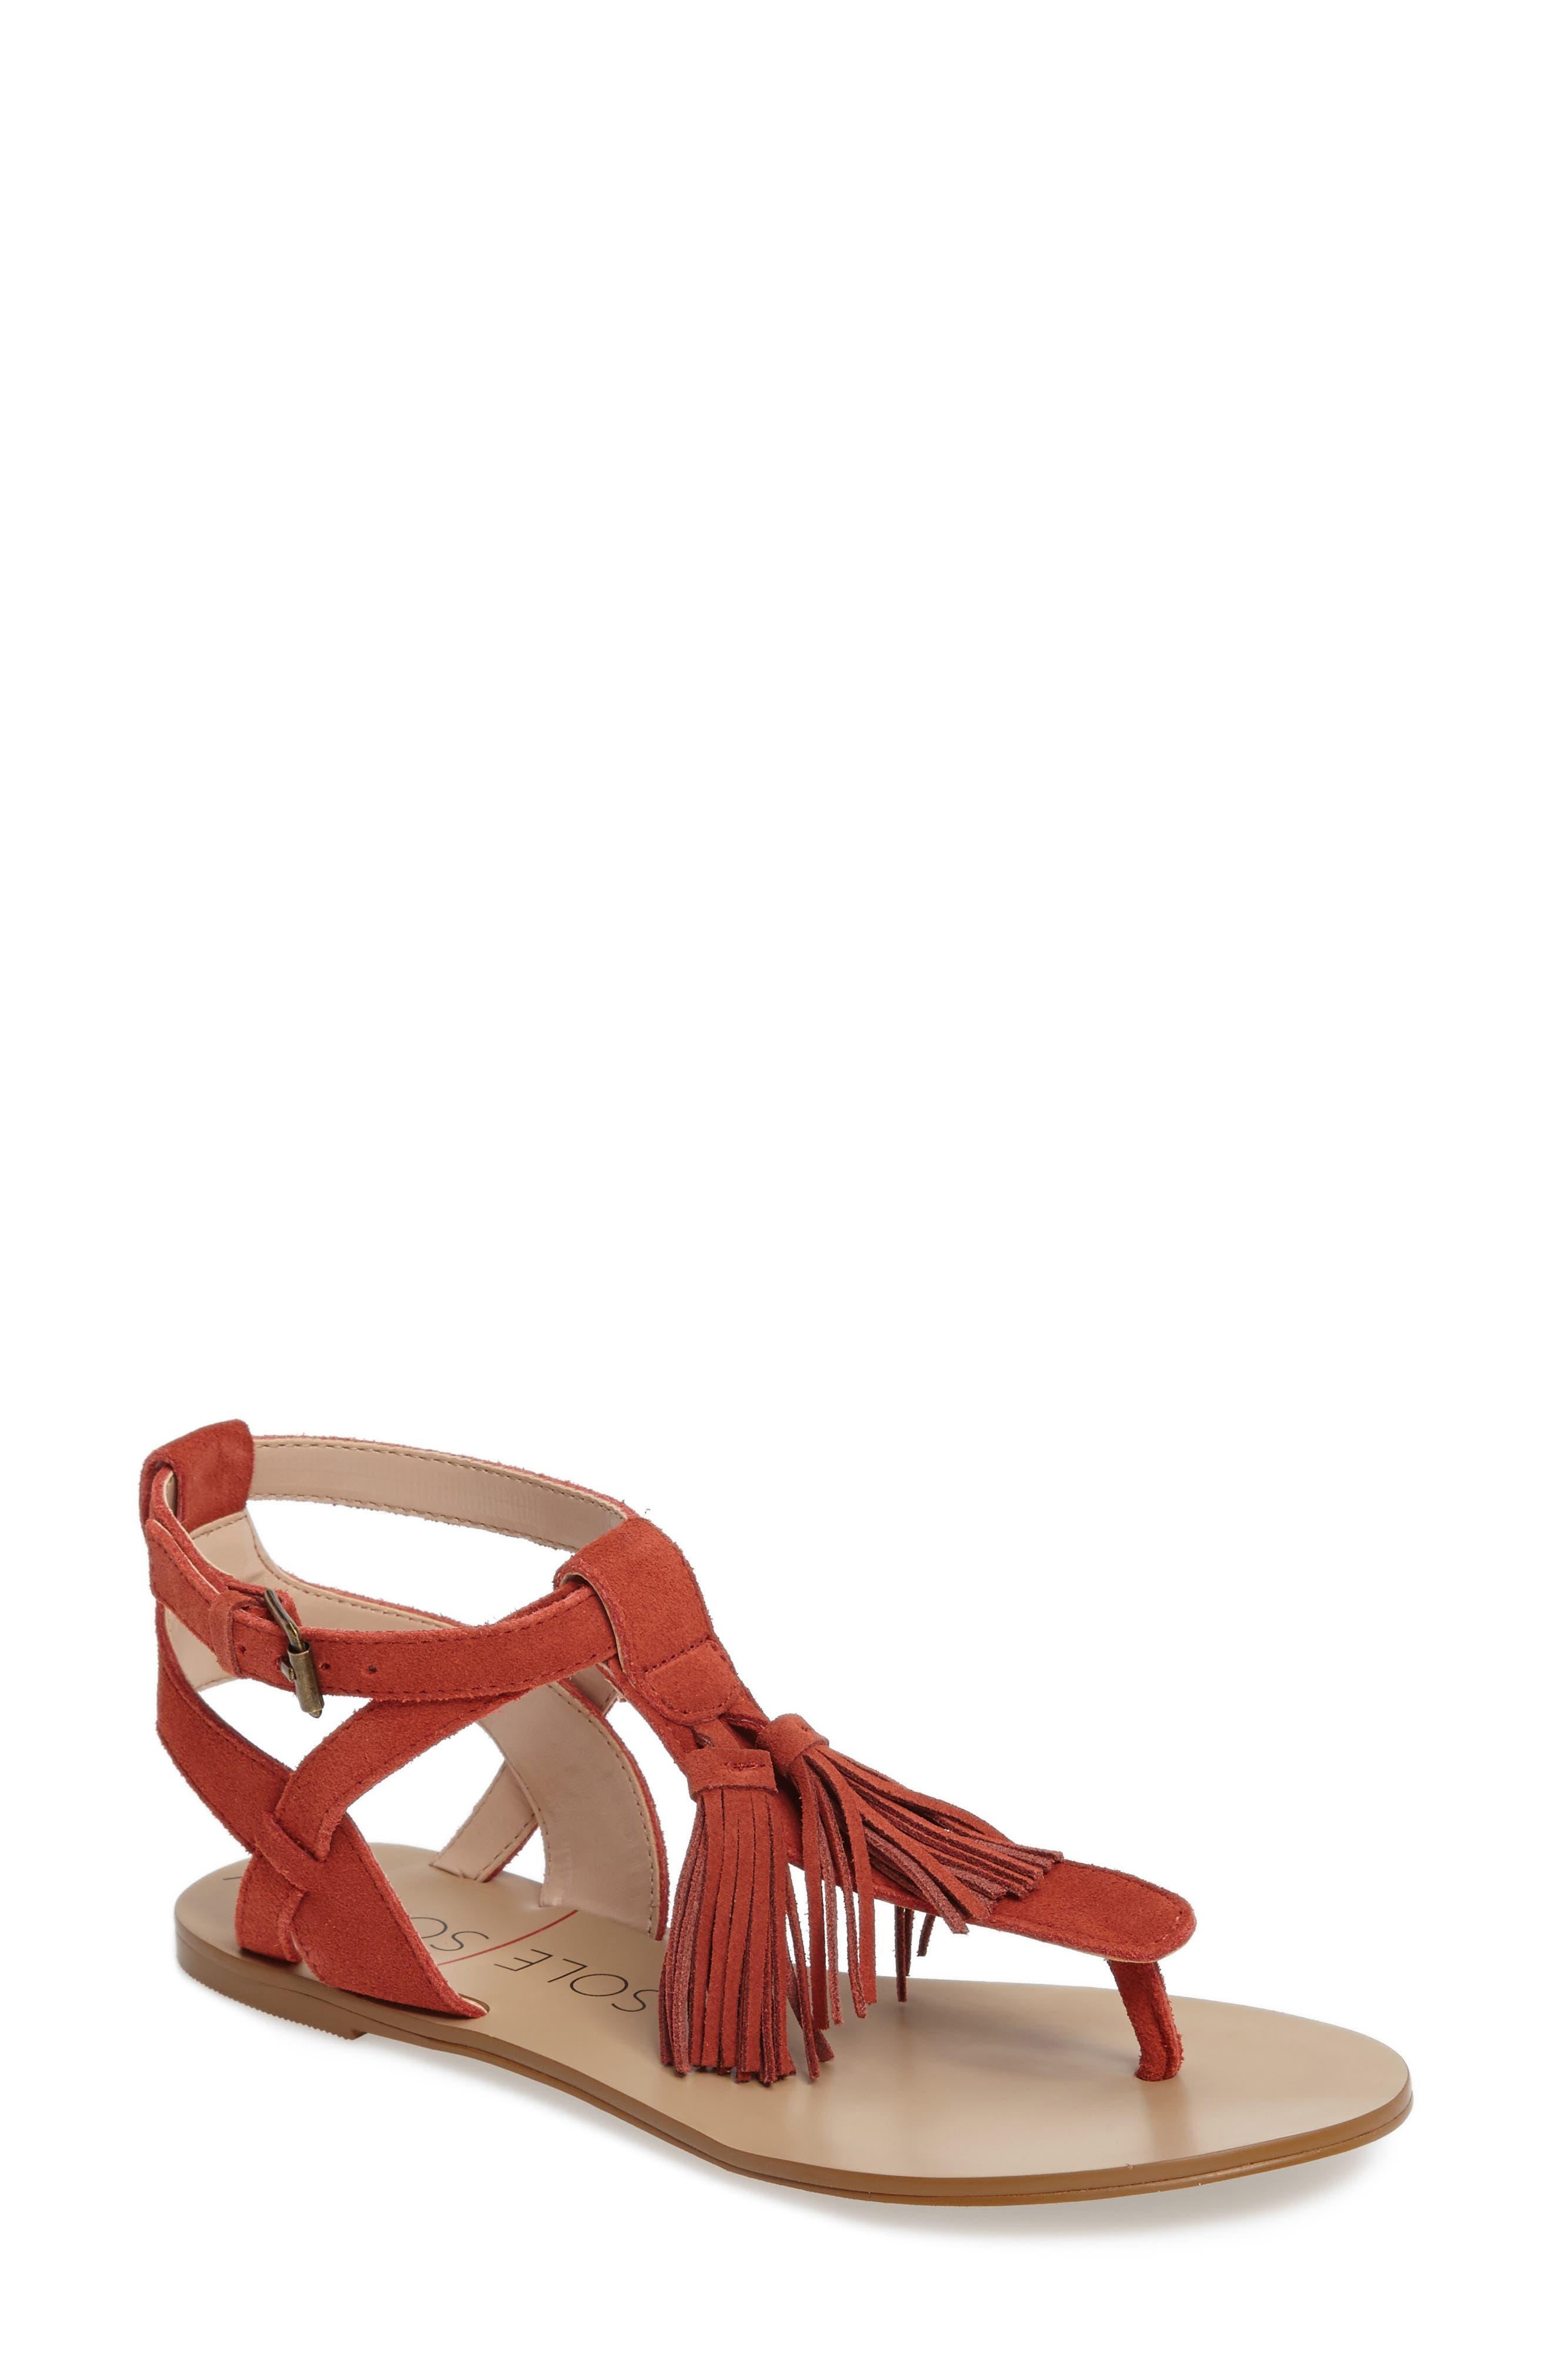 Main Image - Sole Society 'Pandora' Fringe Sandal (Women)